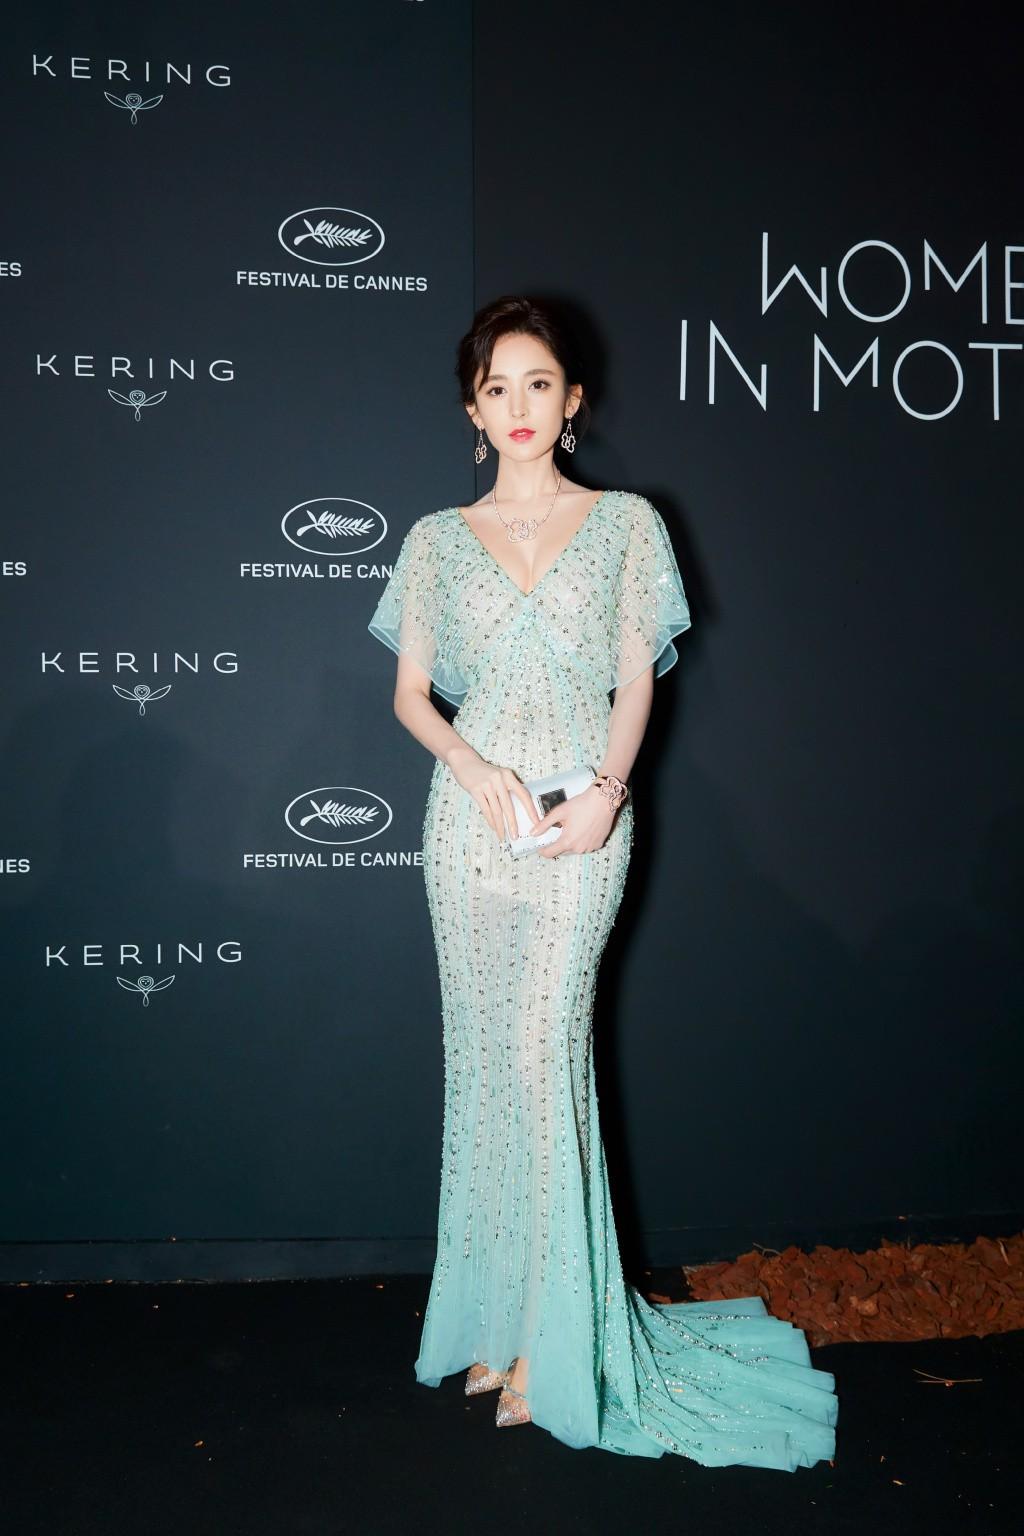 Vắng bóng Phạm Băng Băng, đây là mỹ nhân khiến dân tình trầm trồ vì đẹp đẳng cấp trong những ngày tại Cannes - Ảnh 10.